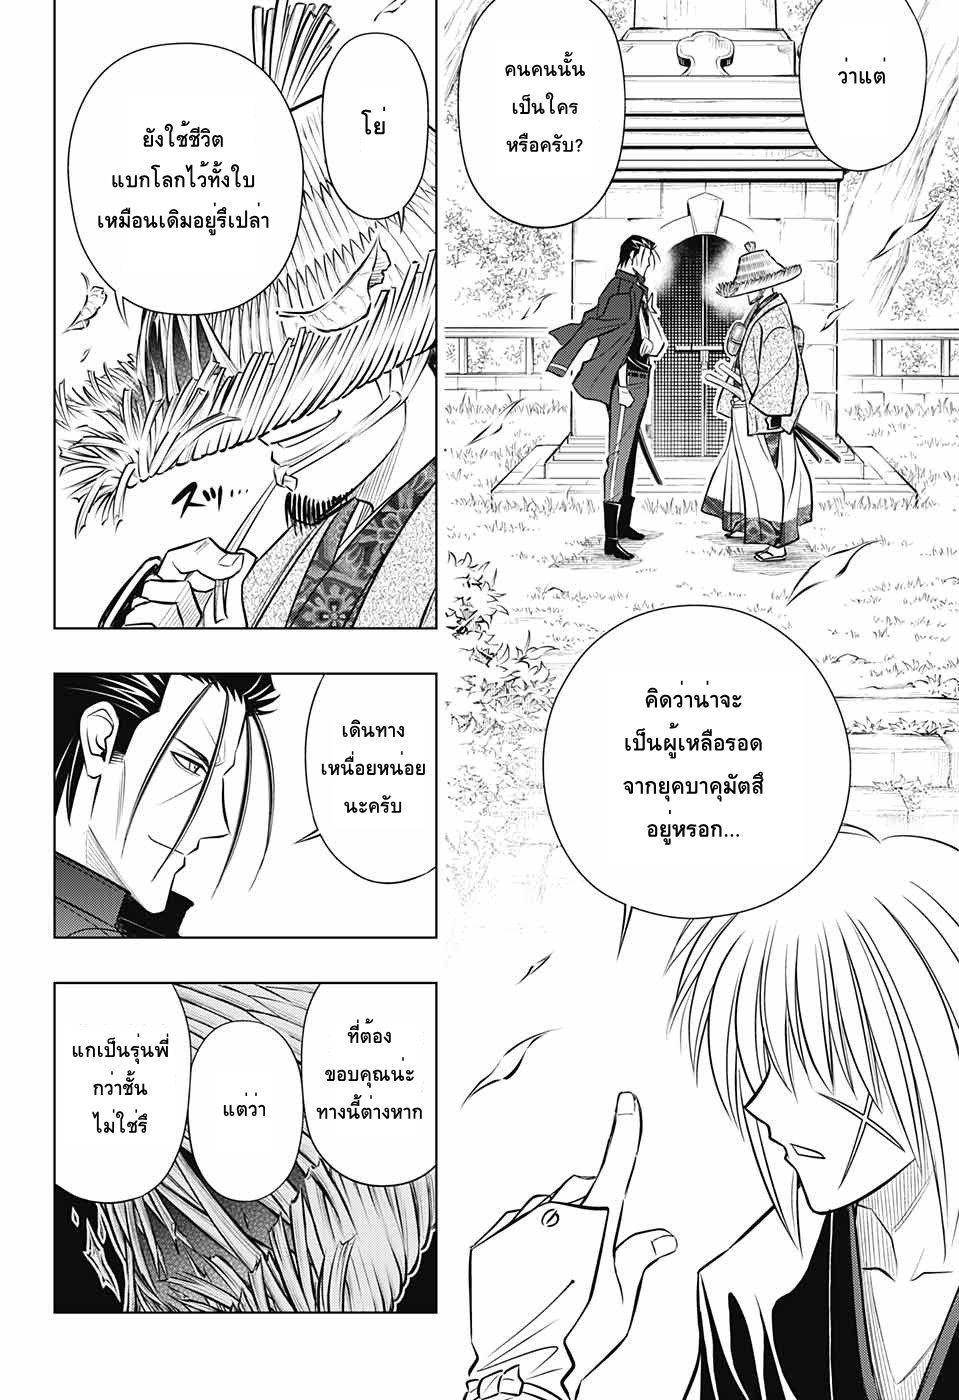 อ่านการ์ตูน Rurouni Kenshin: Hokkaido Arc ตอนที่ 14 หน้าที่ 18